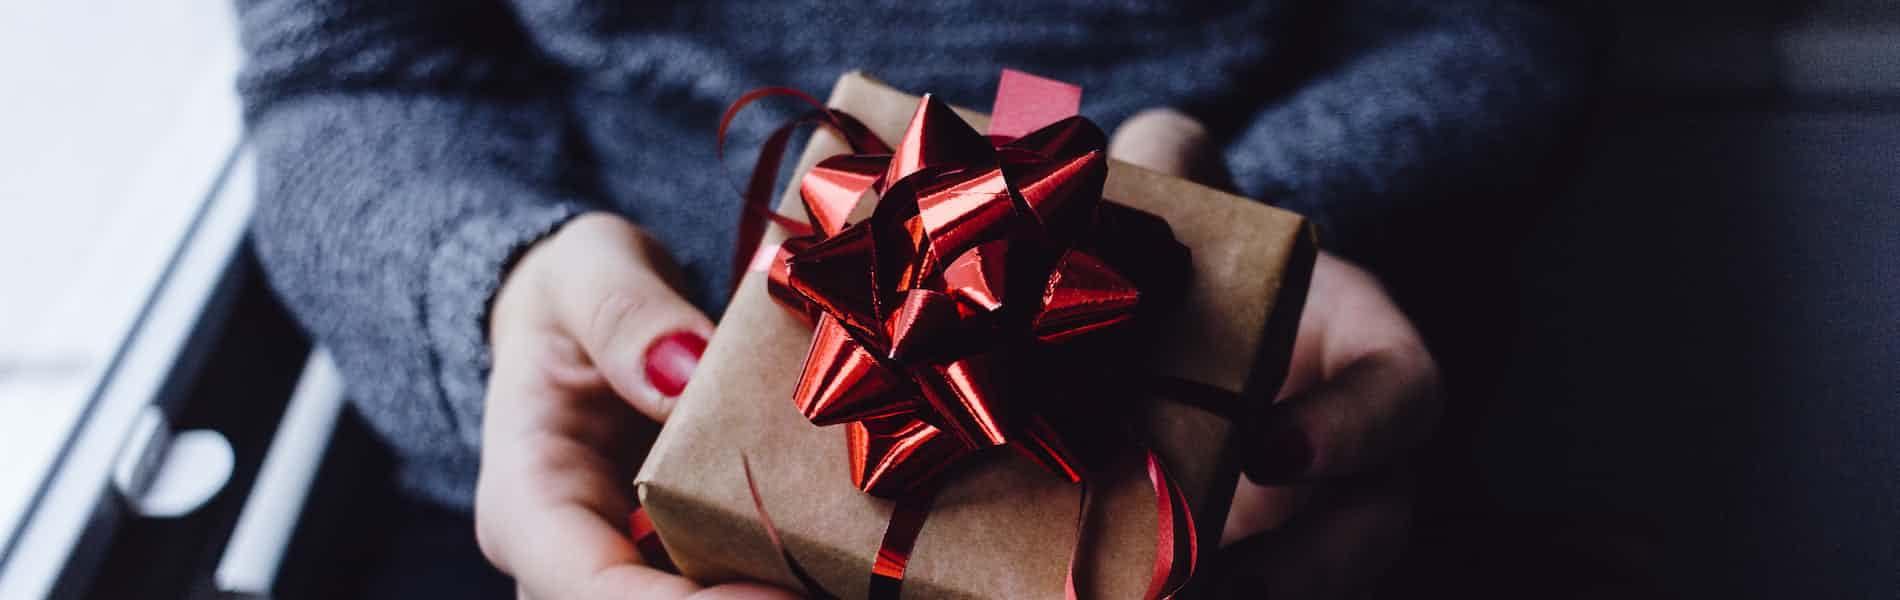 להשיב מתנה: השימוש הקליני בכתיבה על מטופל – סקירת מאמרו של ס